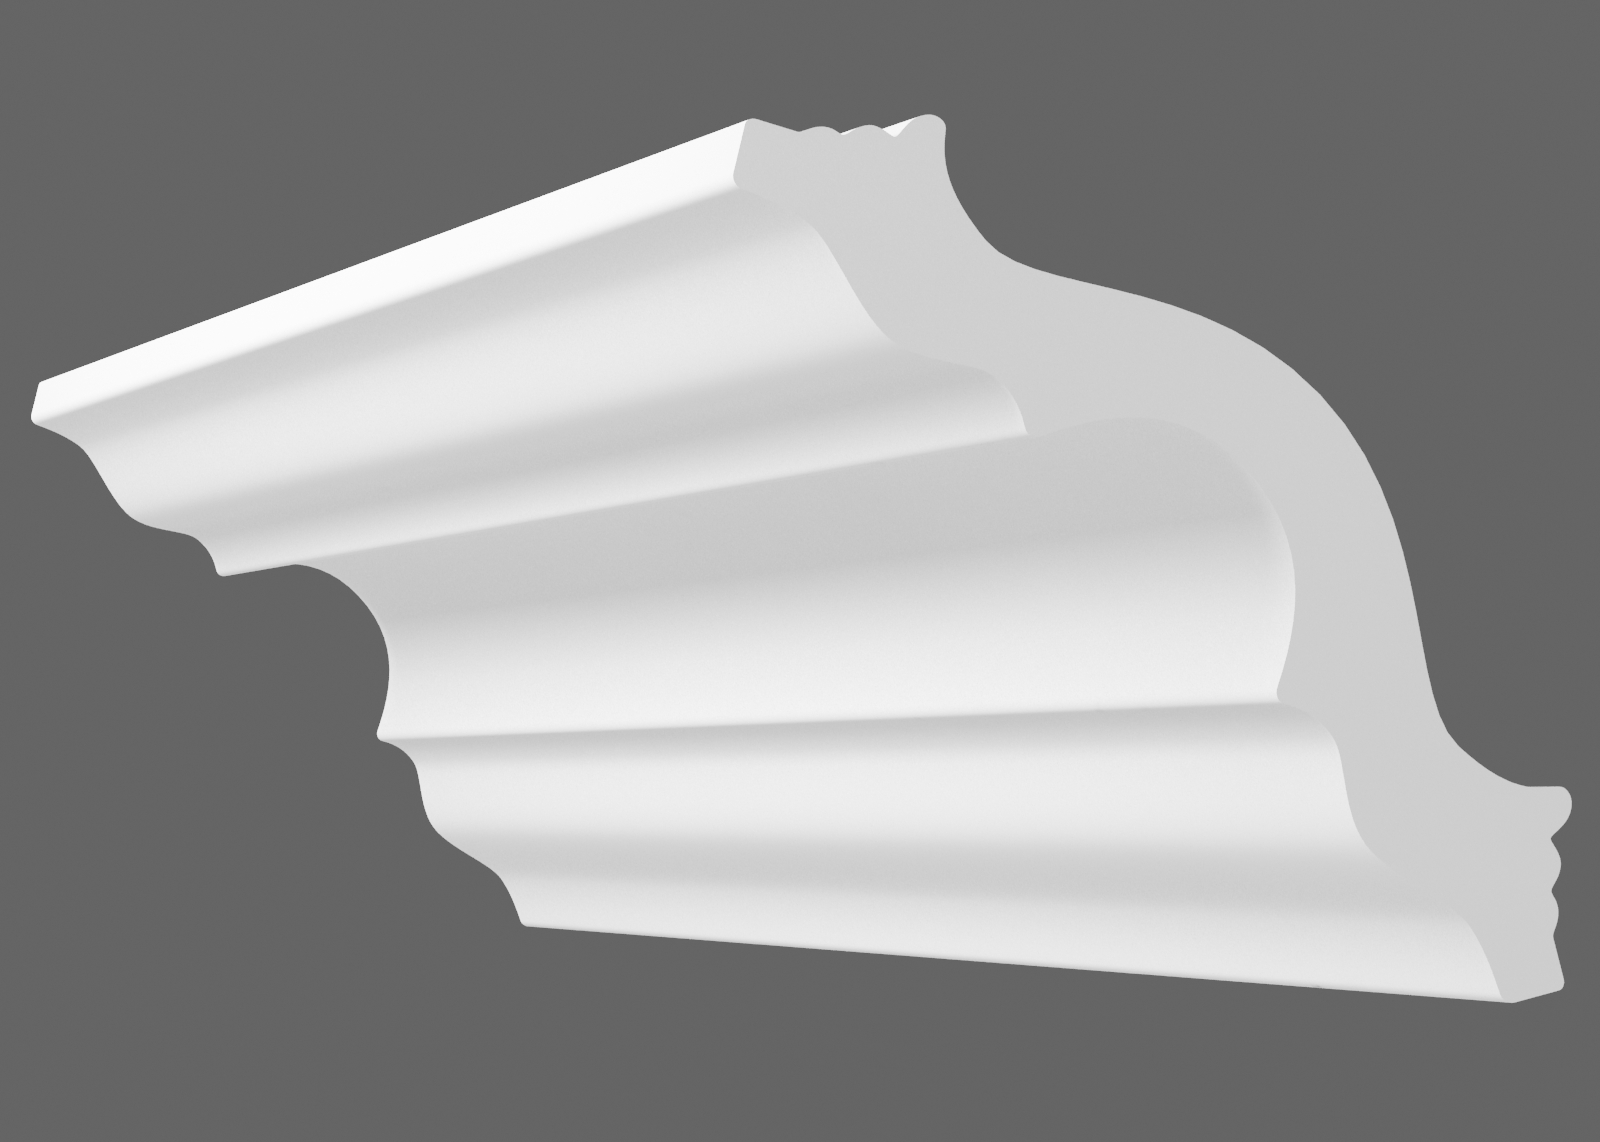 Потолочный плинтус T-45 (Размер:35х35мм)